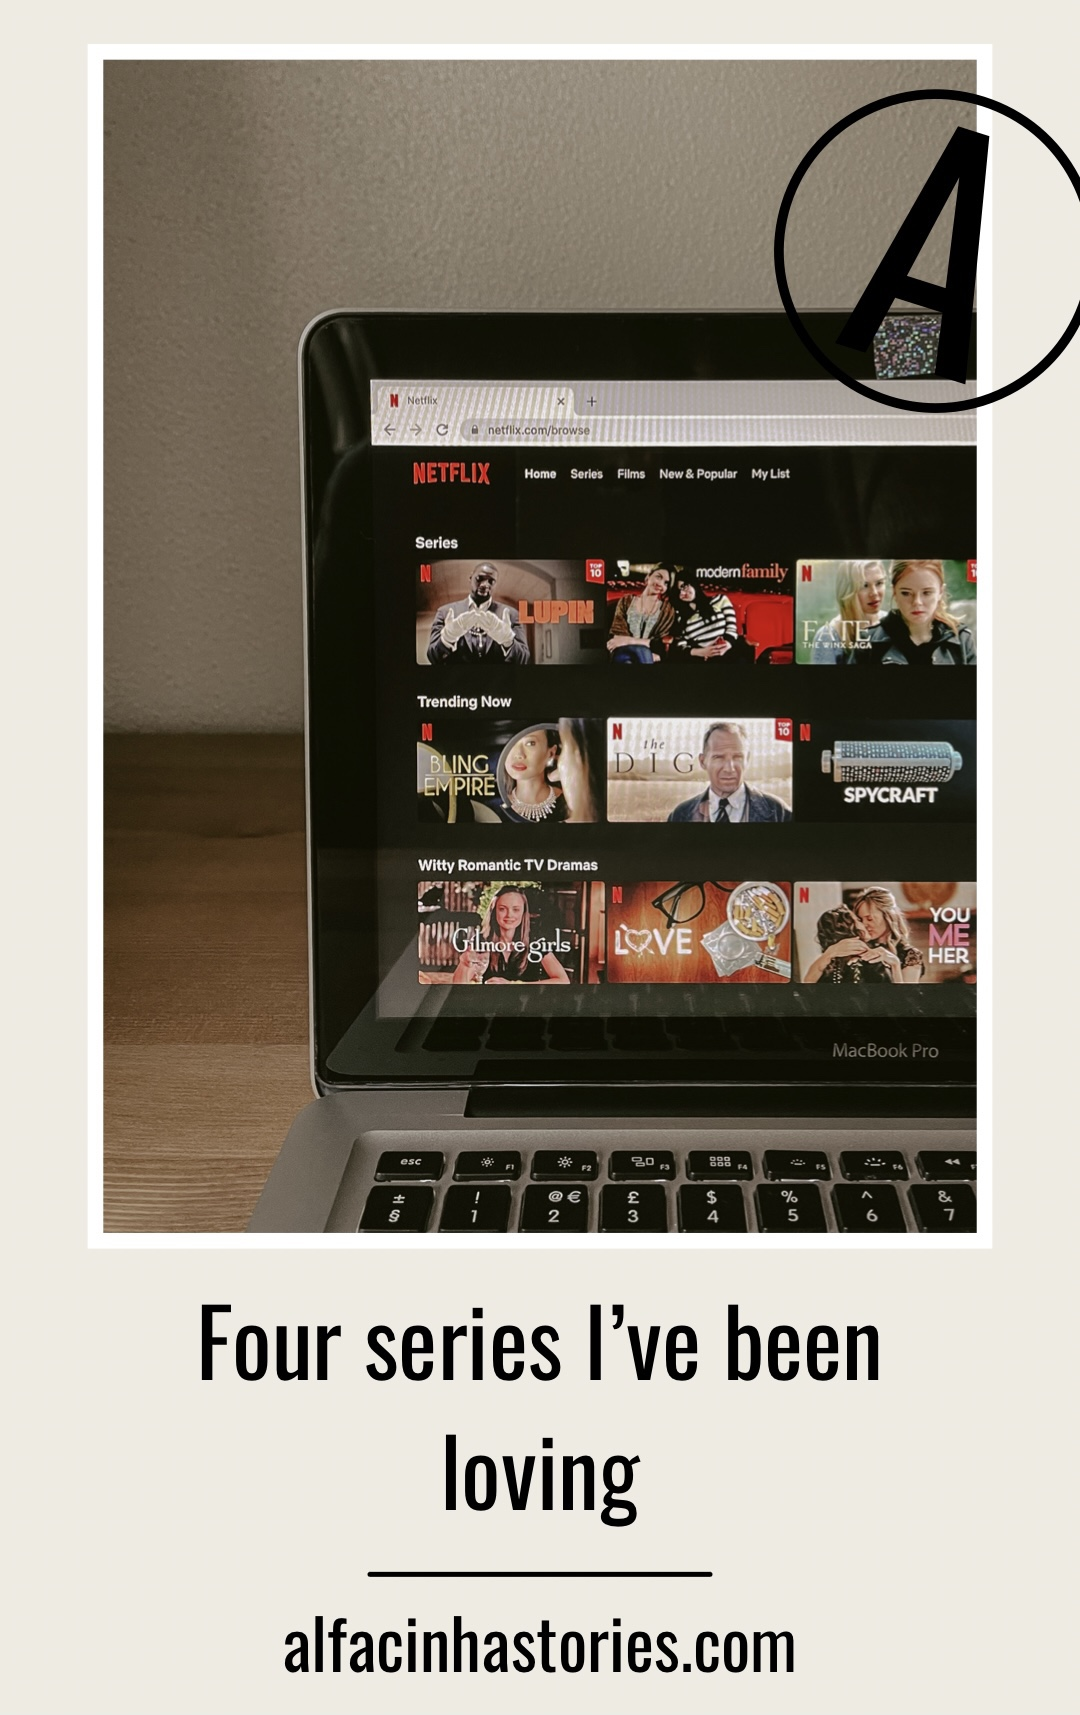 4 Series I've been loving